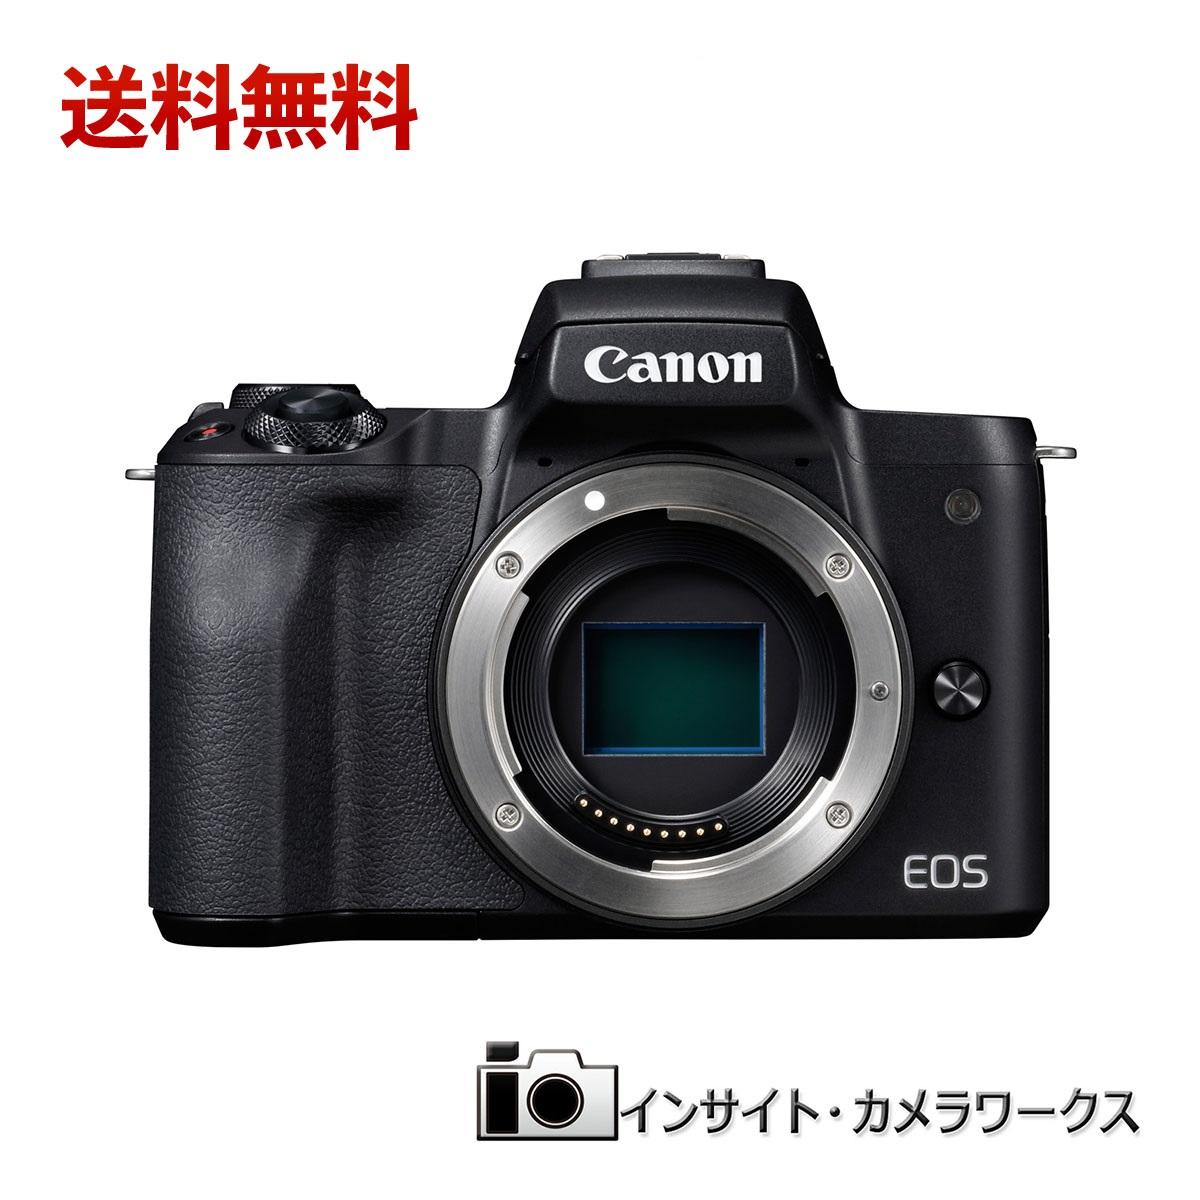 【特別価格】Canon EOS Kiss M ボディ ブラック BODY キヤノン イオス